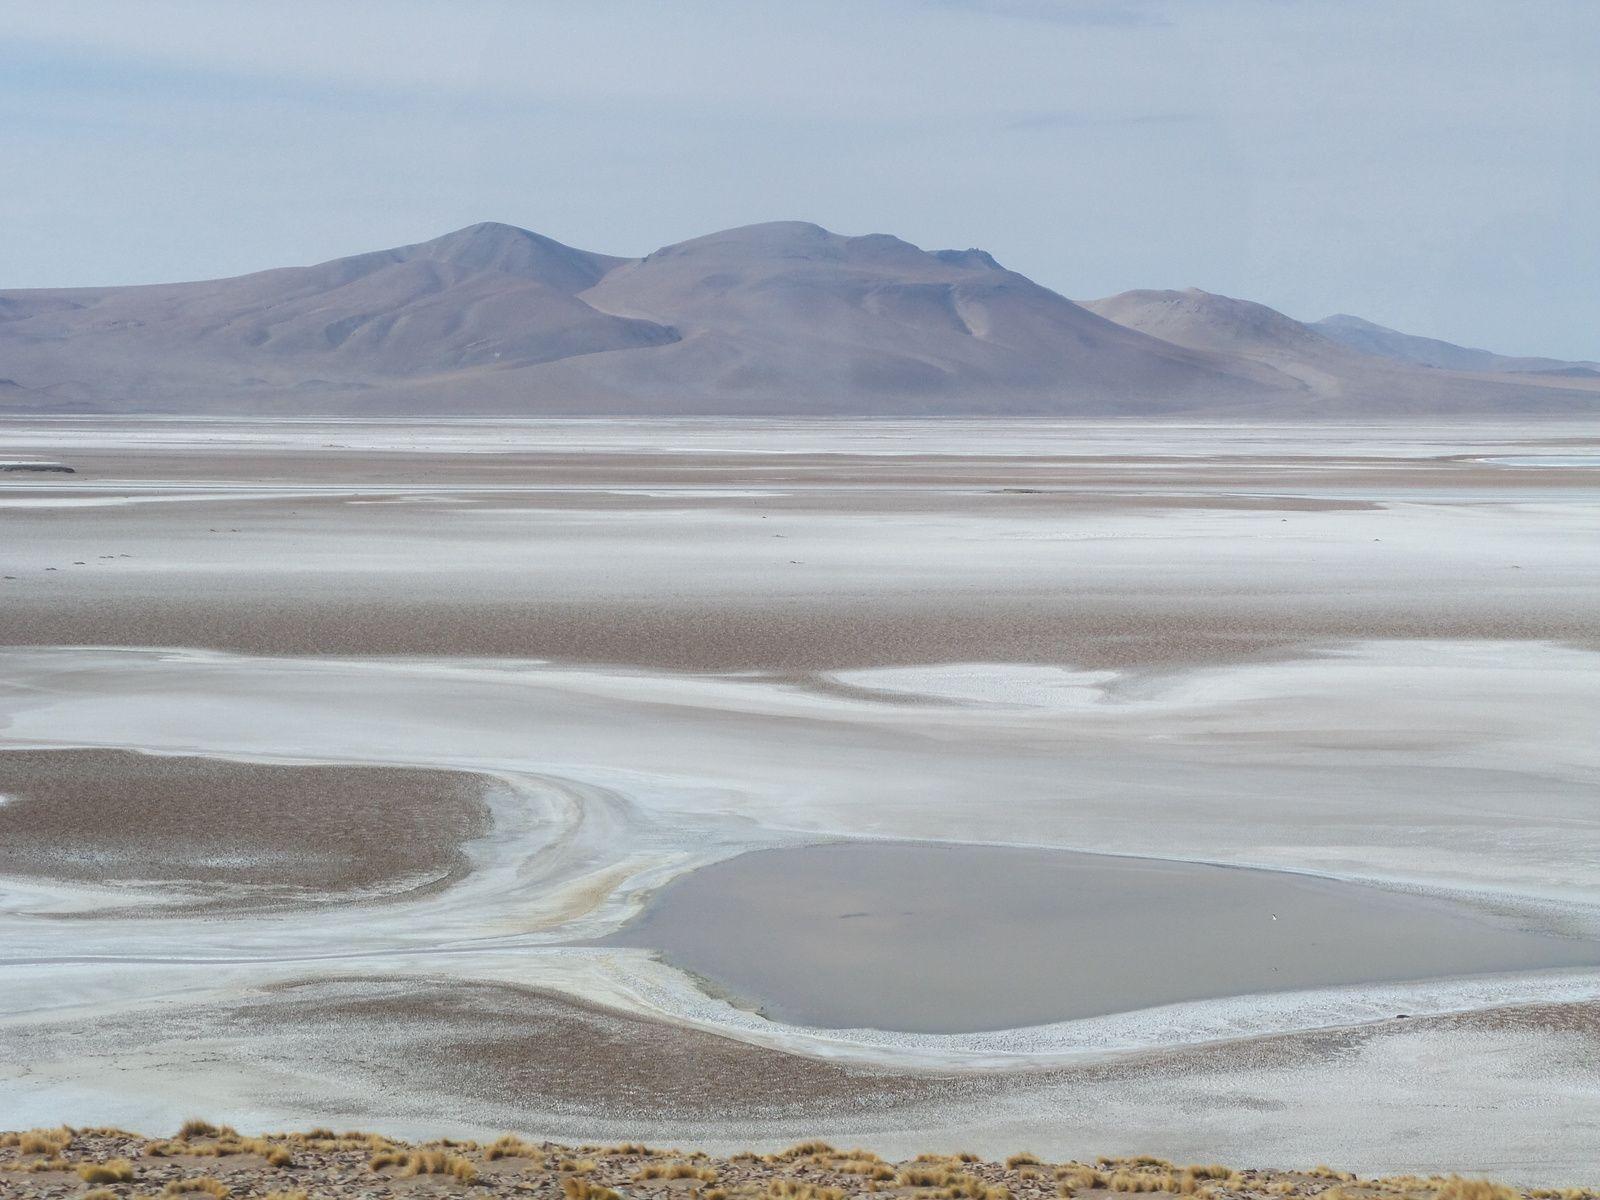 En route entre le Chili et l'Argentine à partir de la route 27